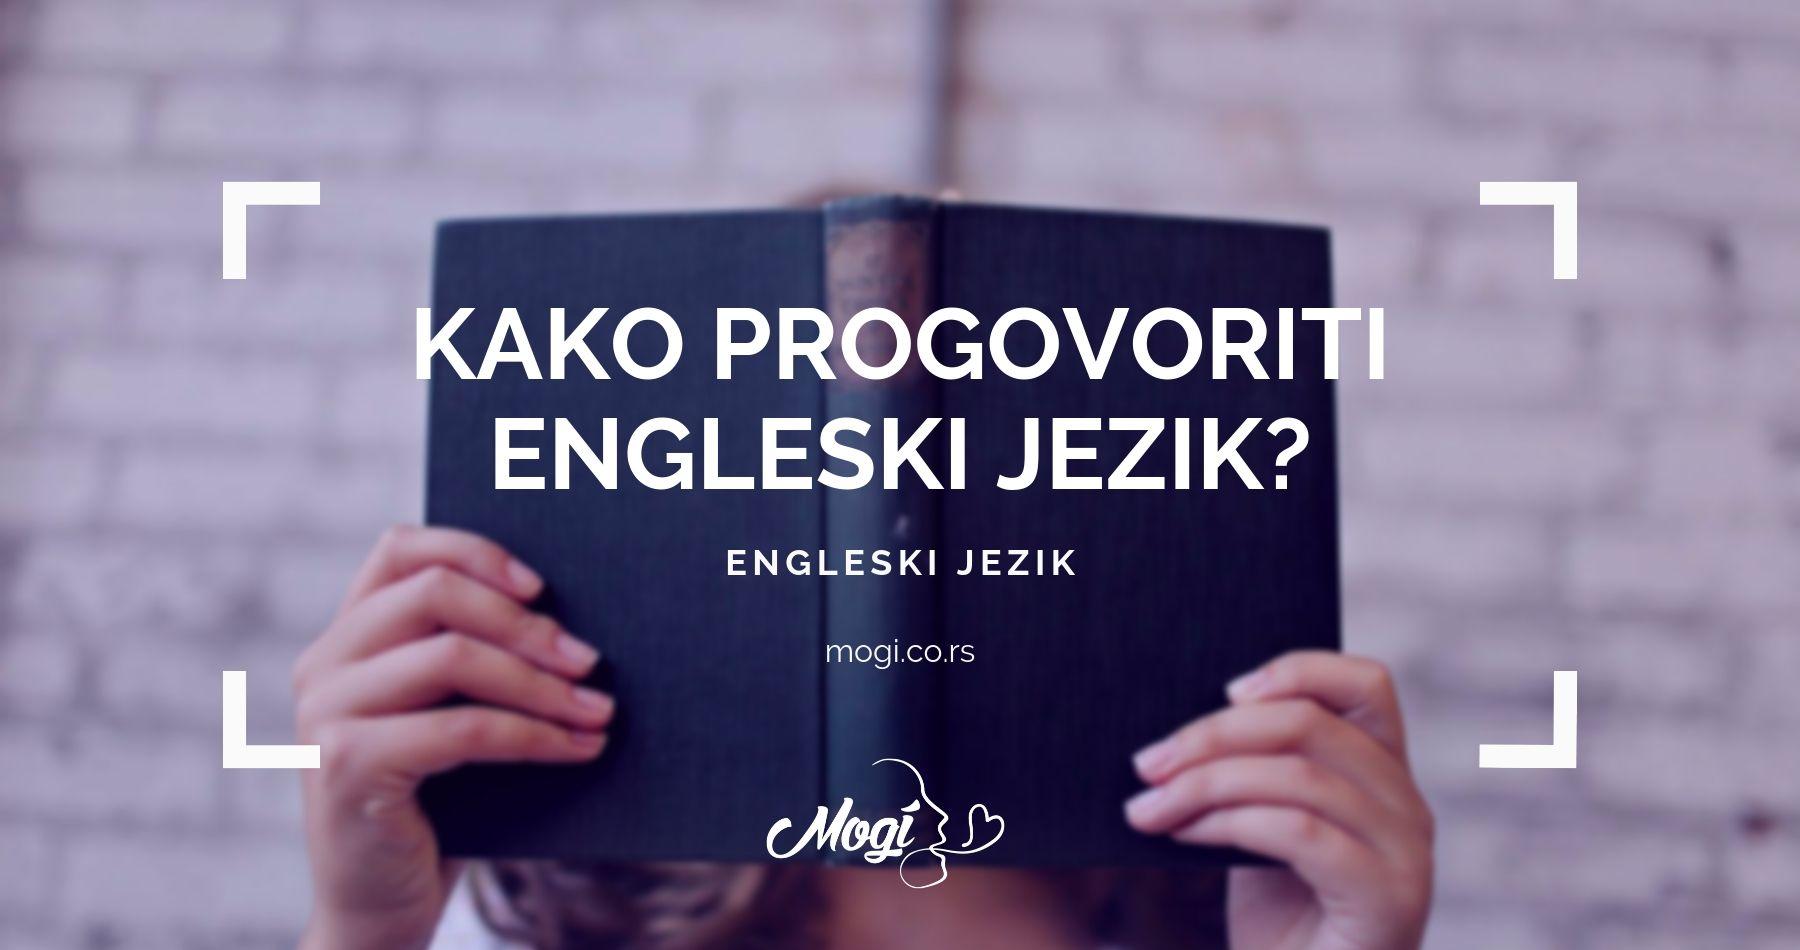 Kako progovoriti engleski jezik, tekst na blogu škole za jezike Mogi